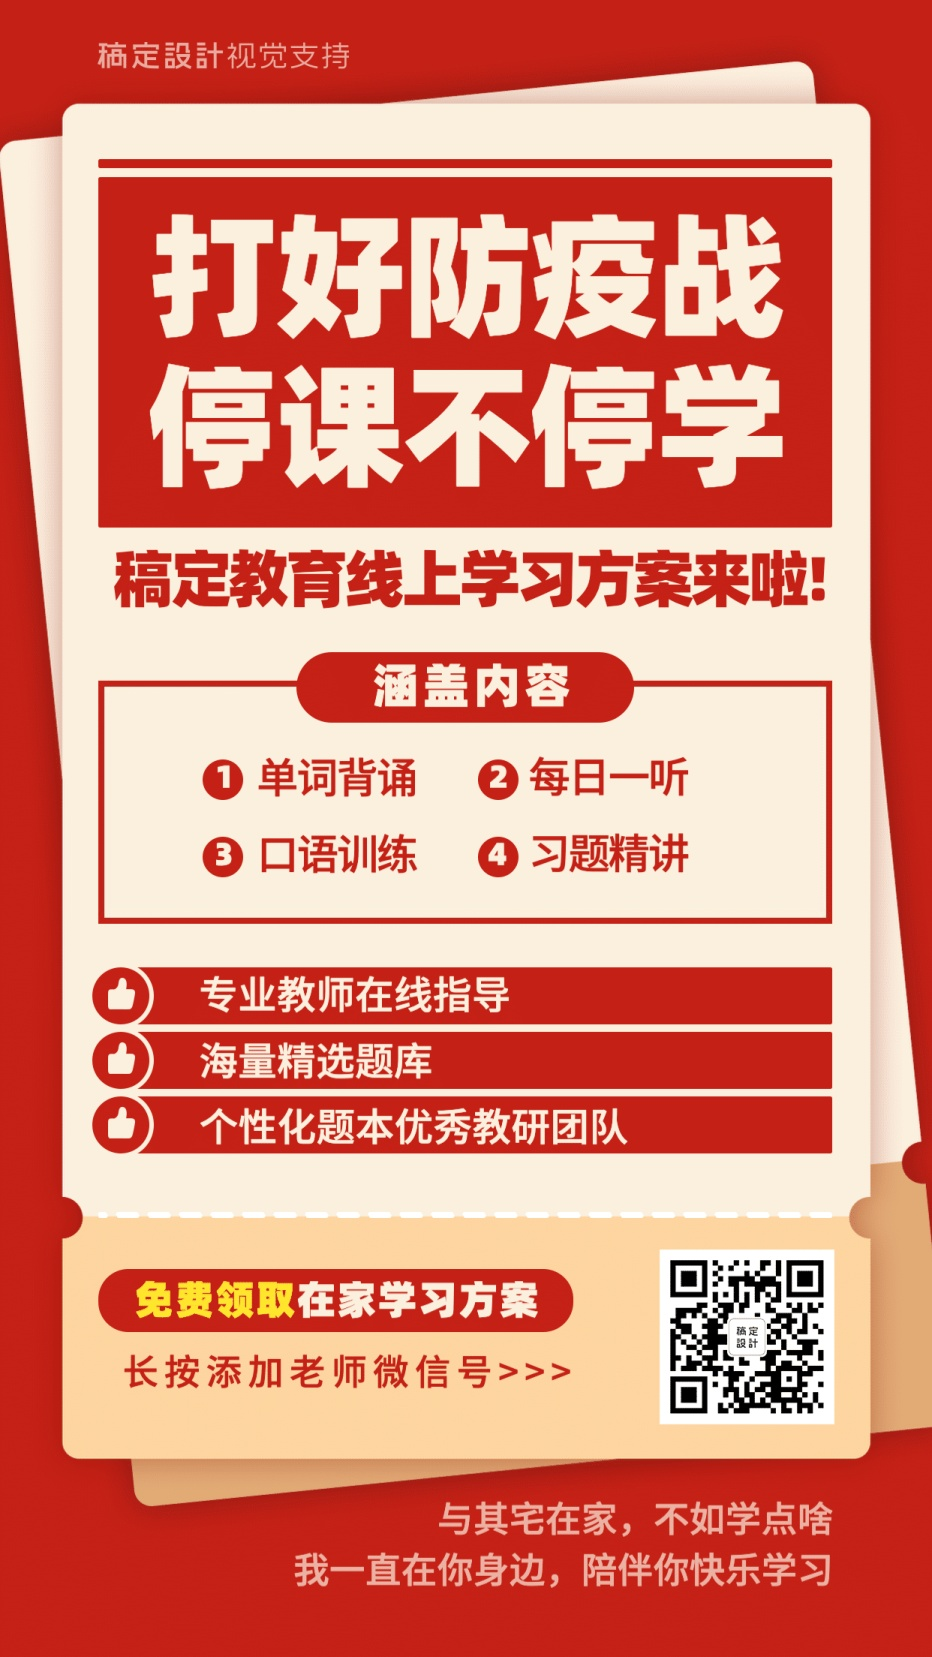 停课不停学课程直播宣传手机海报